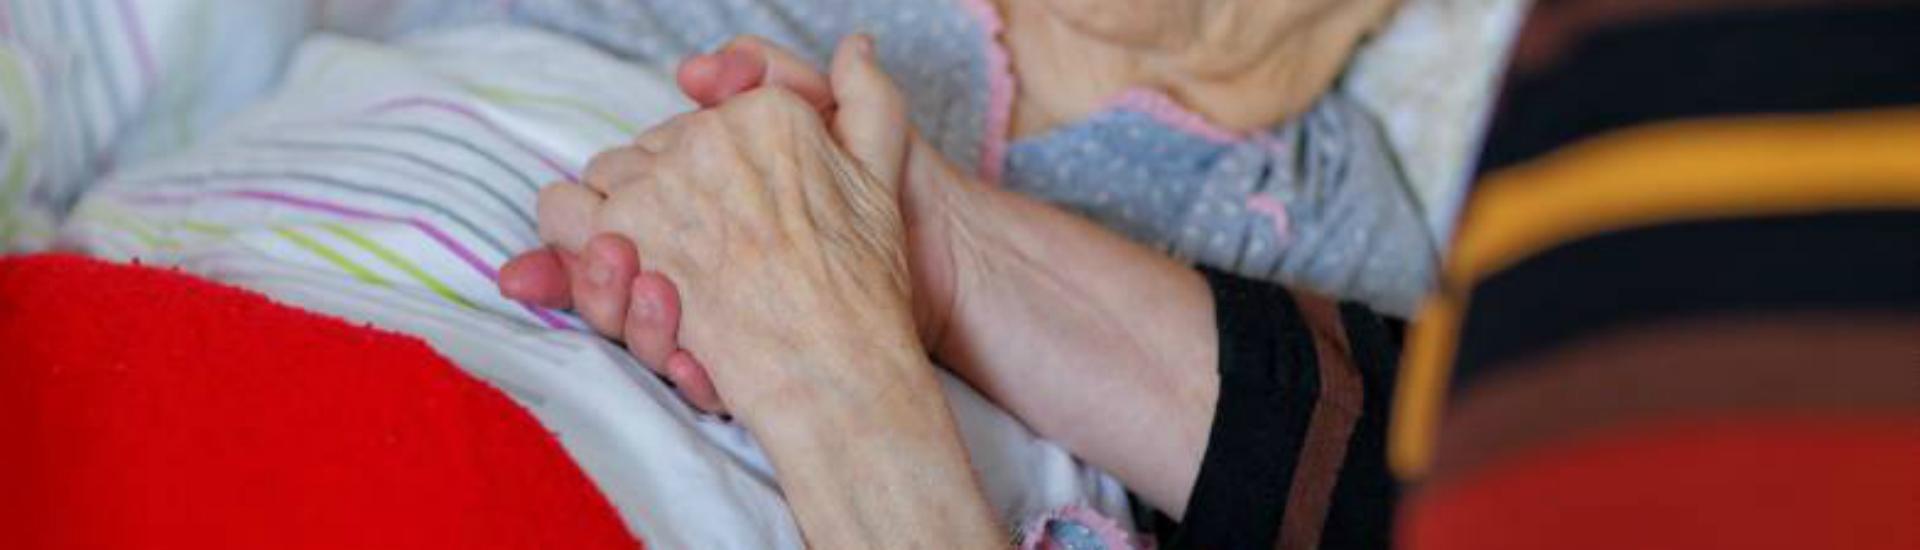 Soin auprès des personnes atteintes de la maladie d'Alzheimer et aide aux aidants